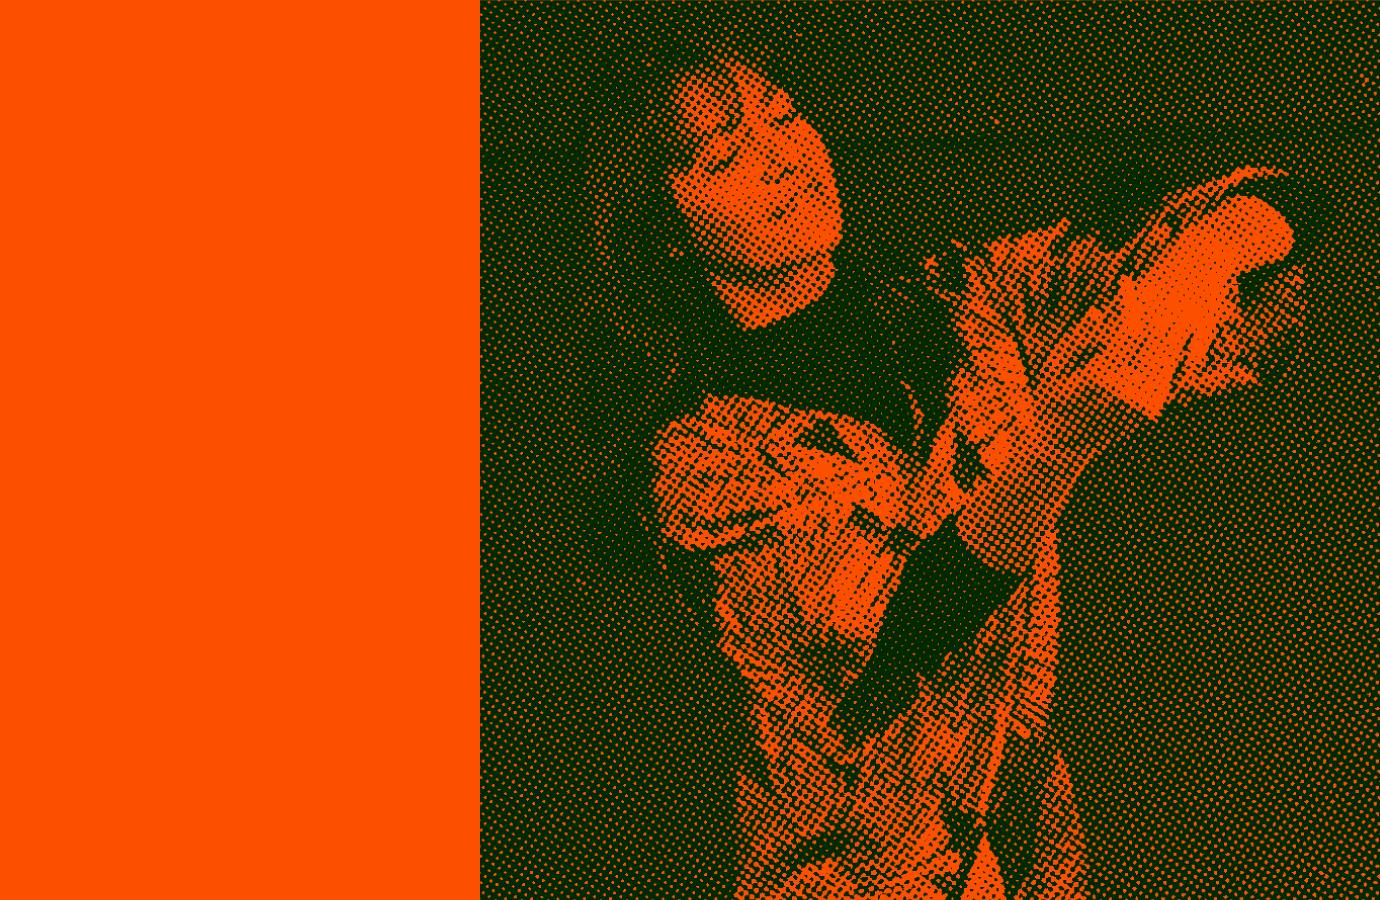 Corpuri și povești (in)vizibile - tururi performative ghidate de Valentina De Piante